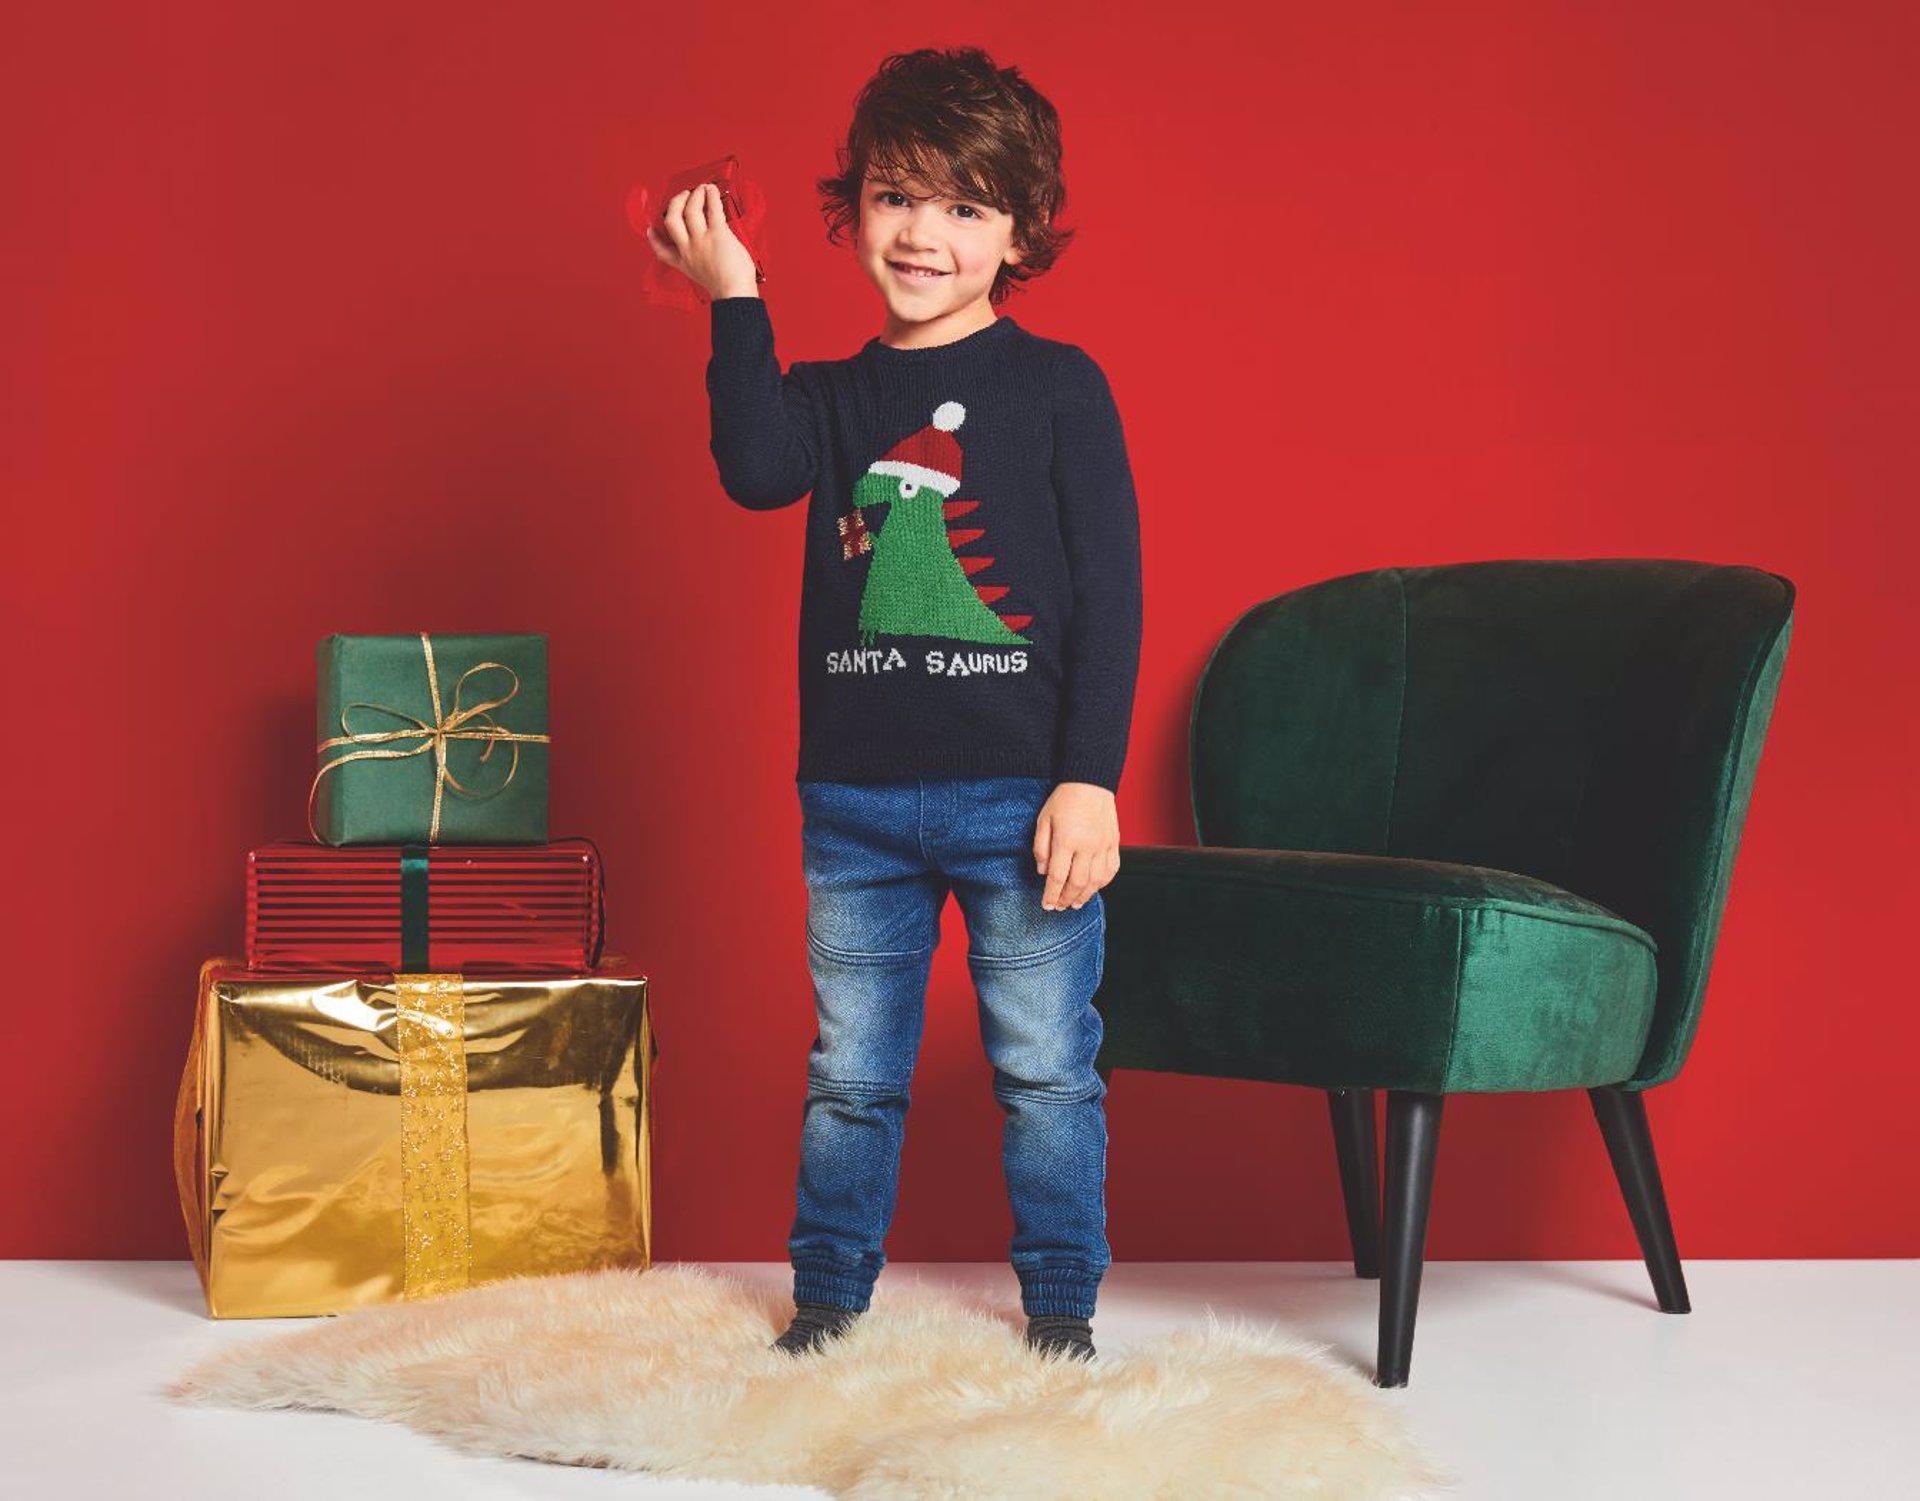 jersey motivos navideños lidl mejor precio